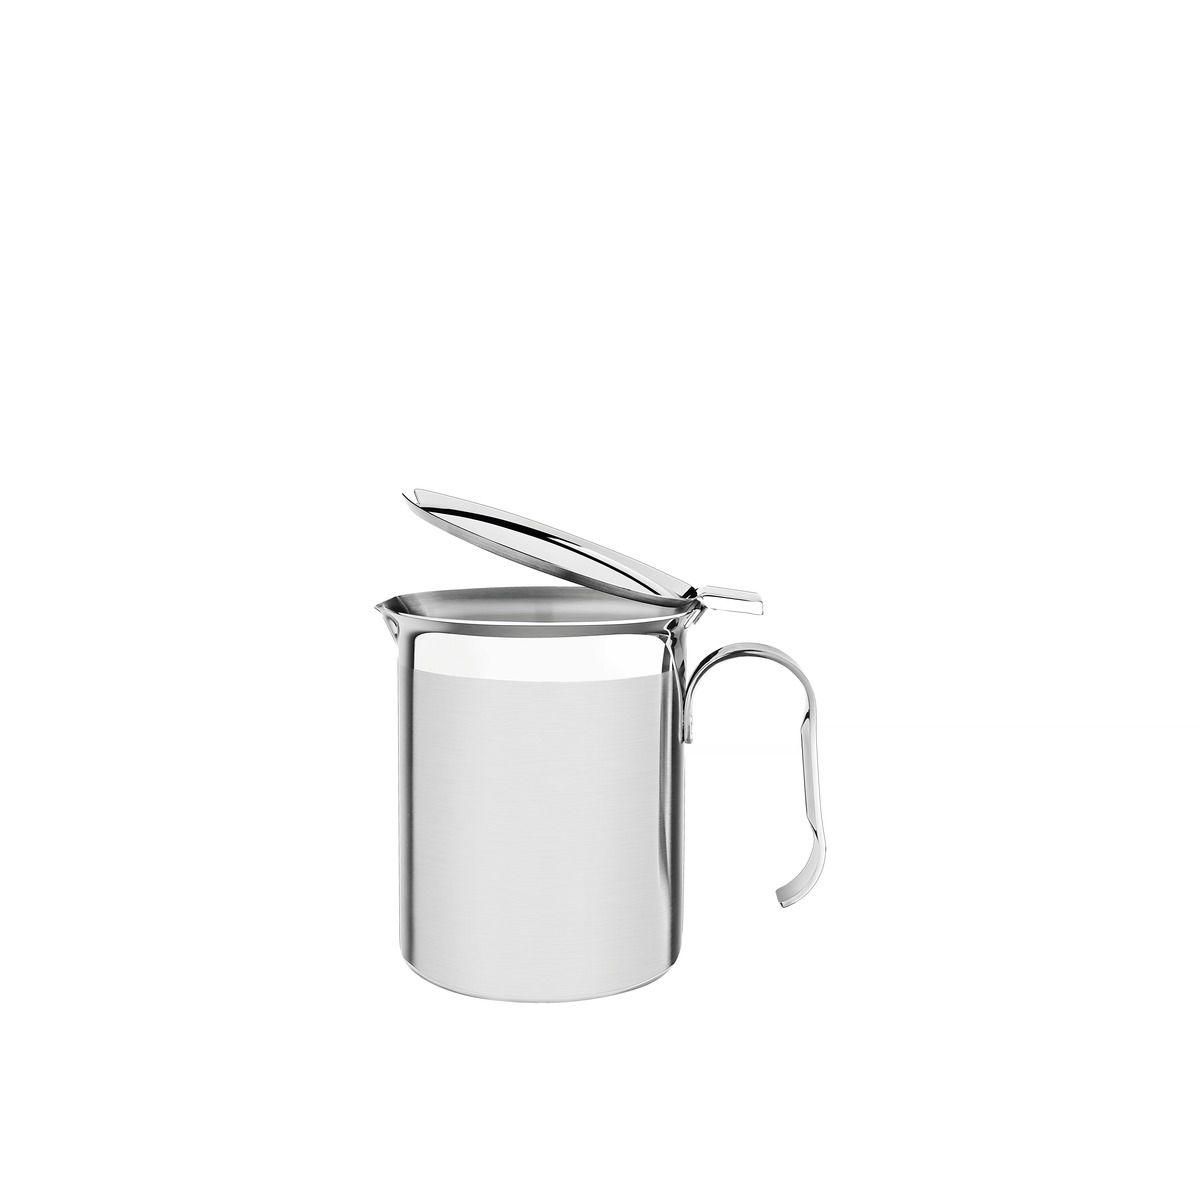 Bule Tramontina em Aço Inox para Café e Leite 8 cm 550 ml 61570/080 | Lojas Estrela